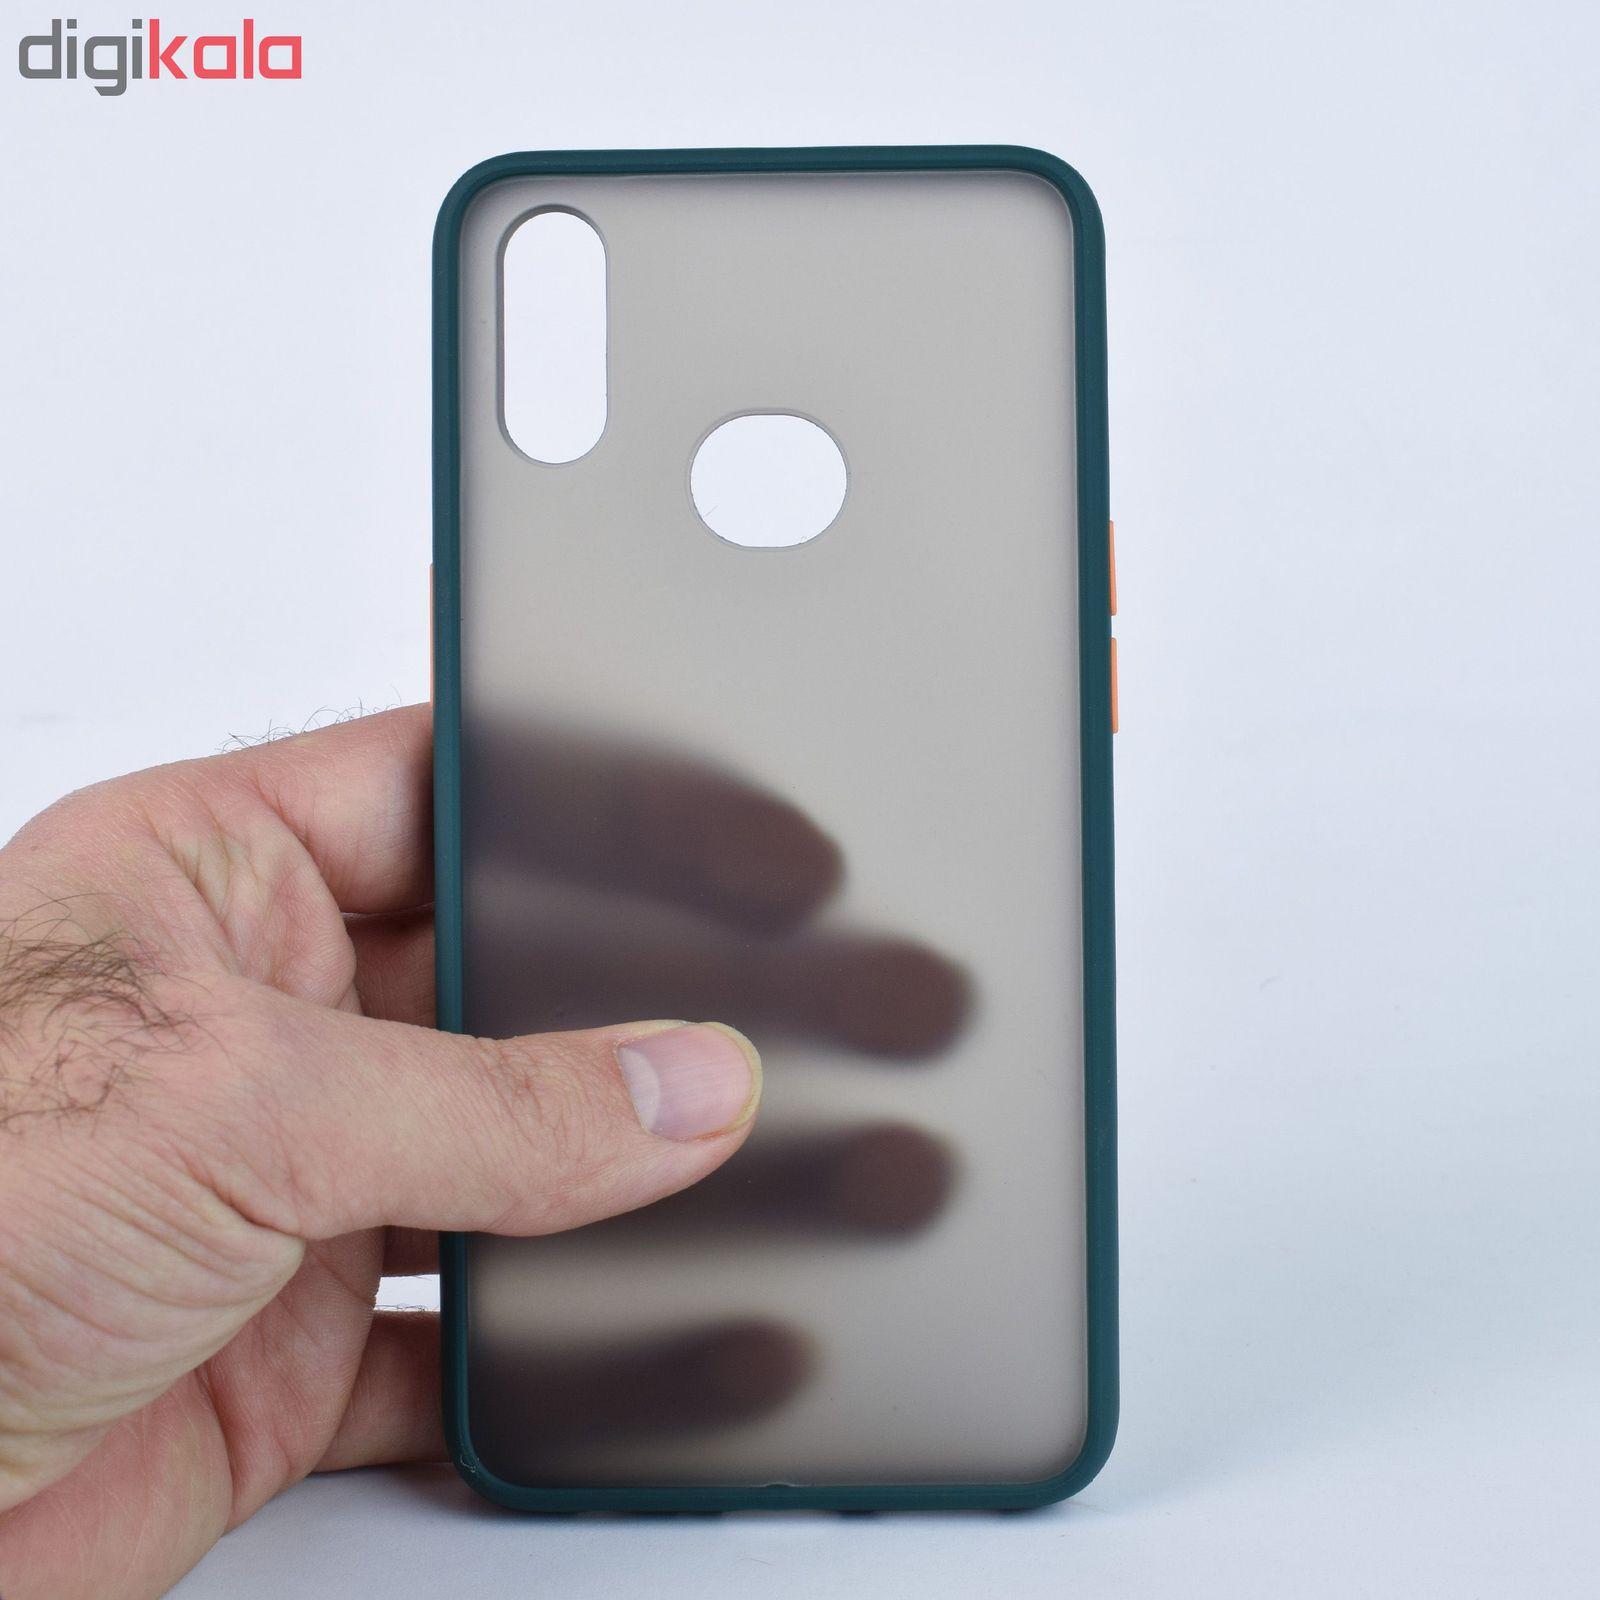 کاور مدل Slico01 مناسب برای گوشی موبایل سامسونگ Galaxy A10S main 1 4